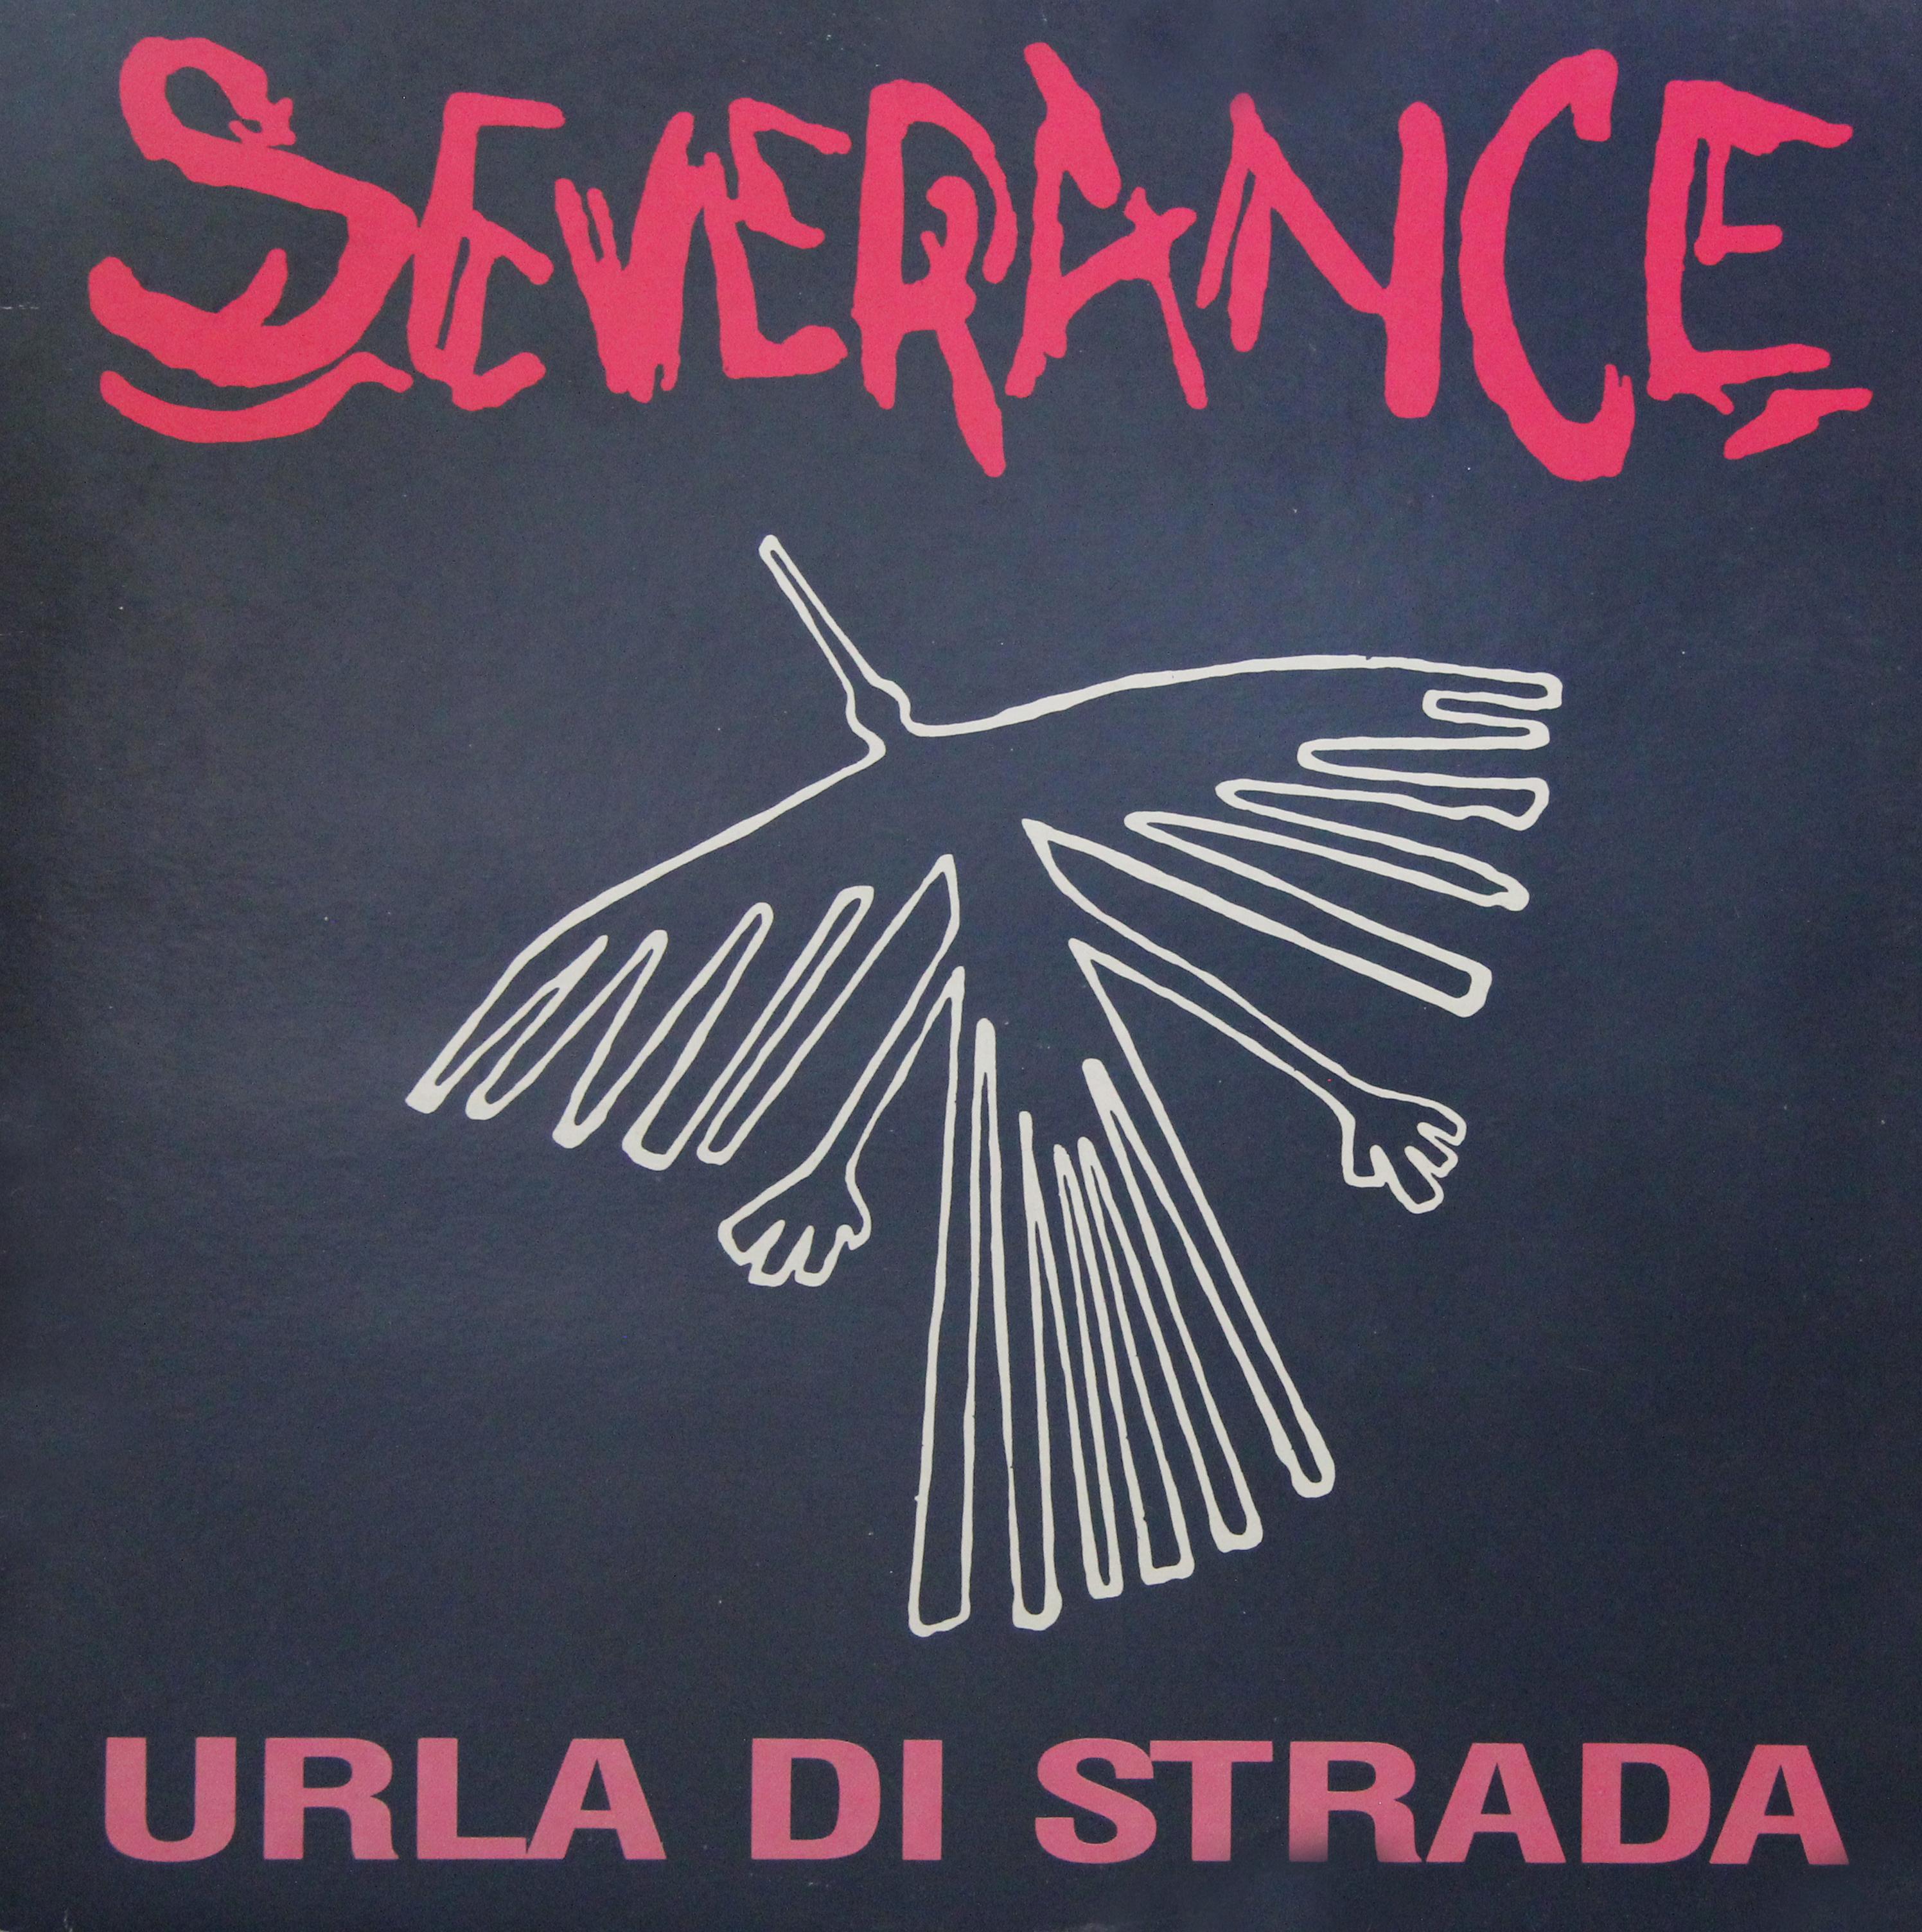 SEVERANCE – URLA DI STRADA